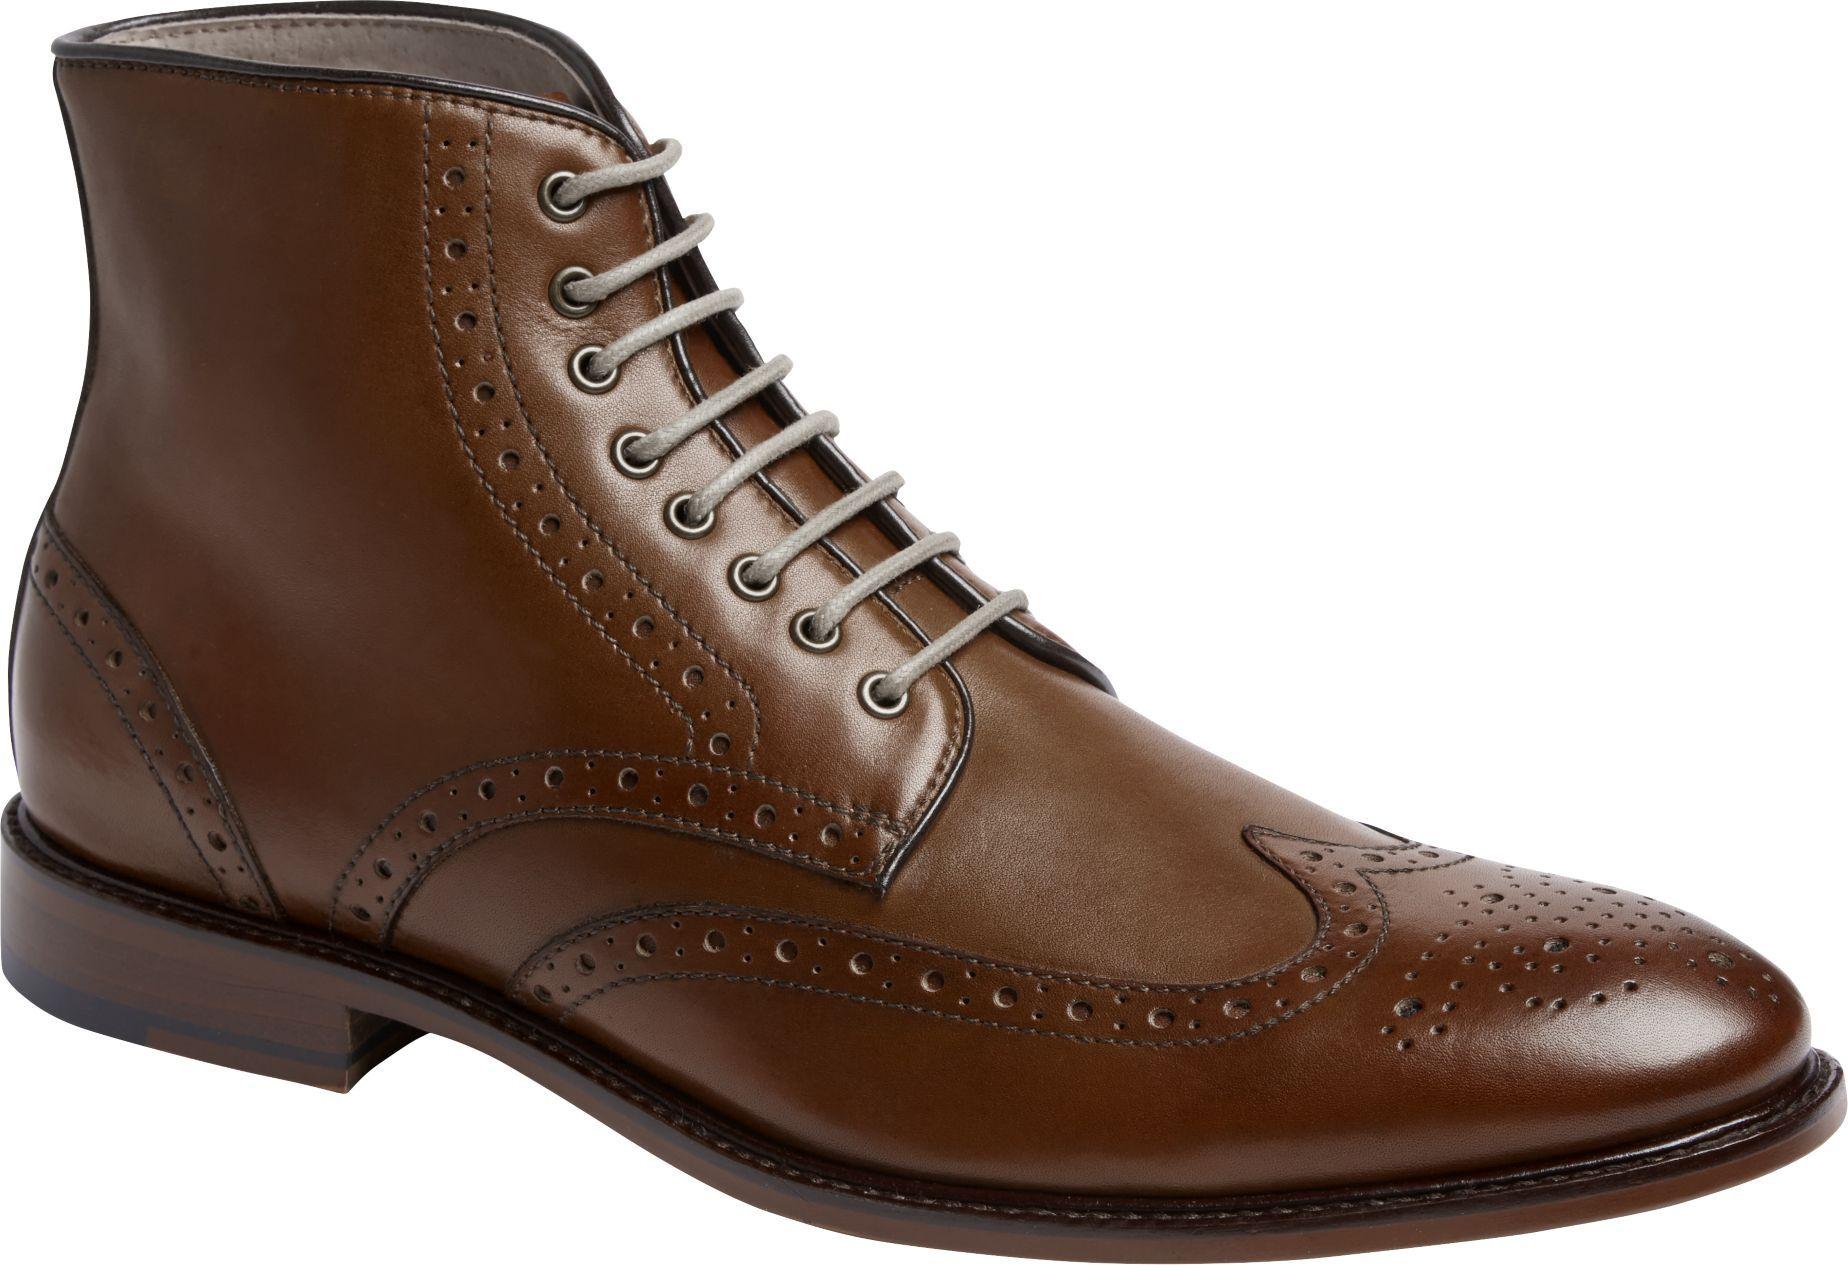 08777e238a0 Joseph Abboud Morro Wingtip Dress Boots